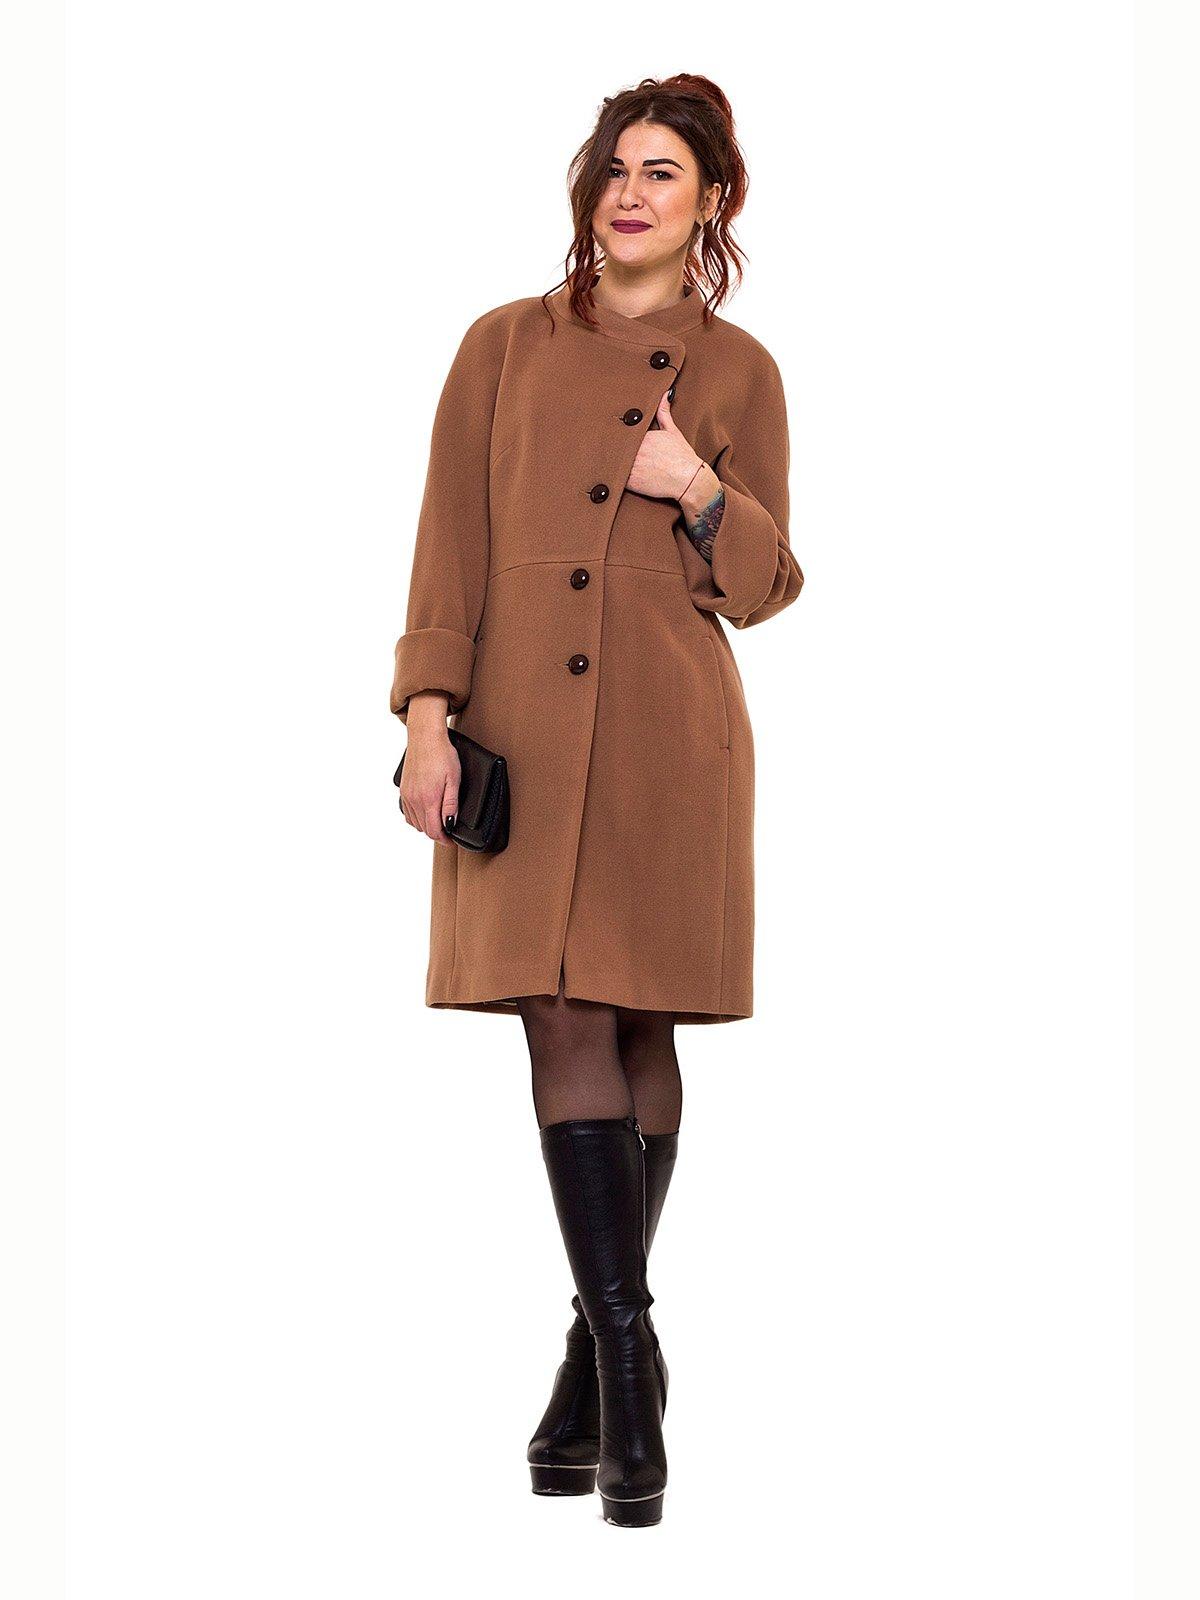 Пальто темно-бежевое | 2837210 | фото 3